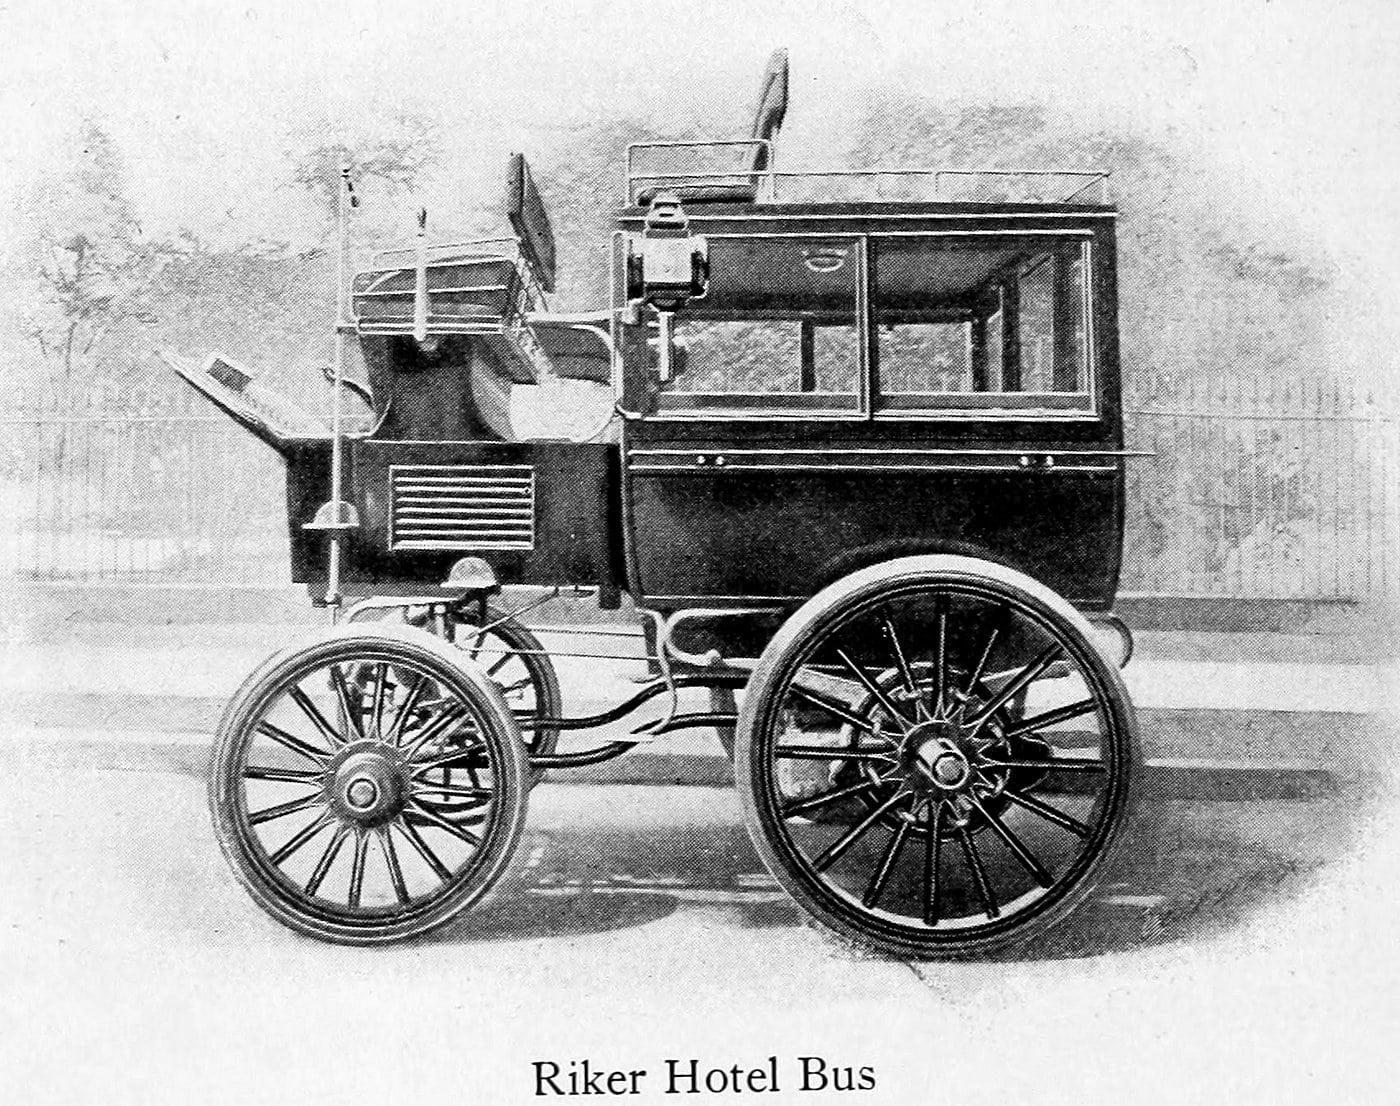 Riker Hotel Bus (1899)